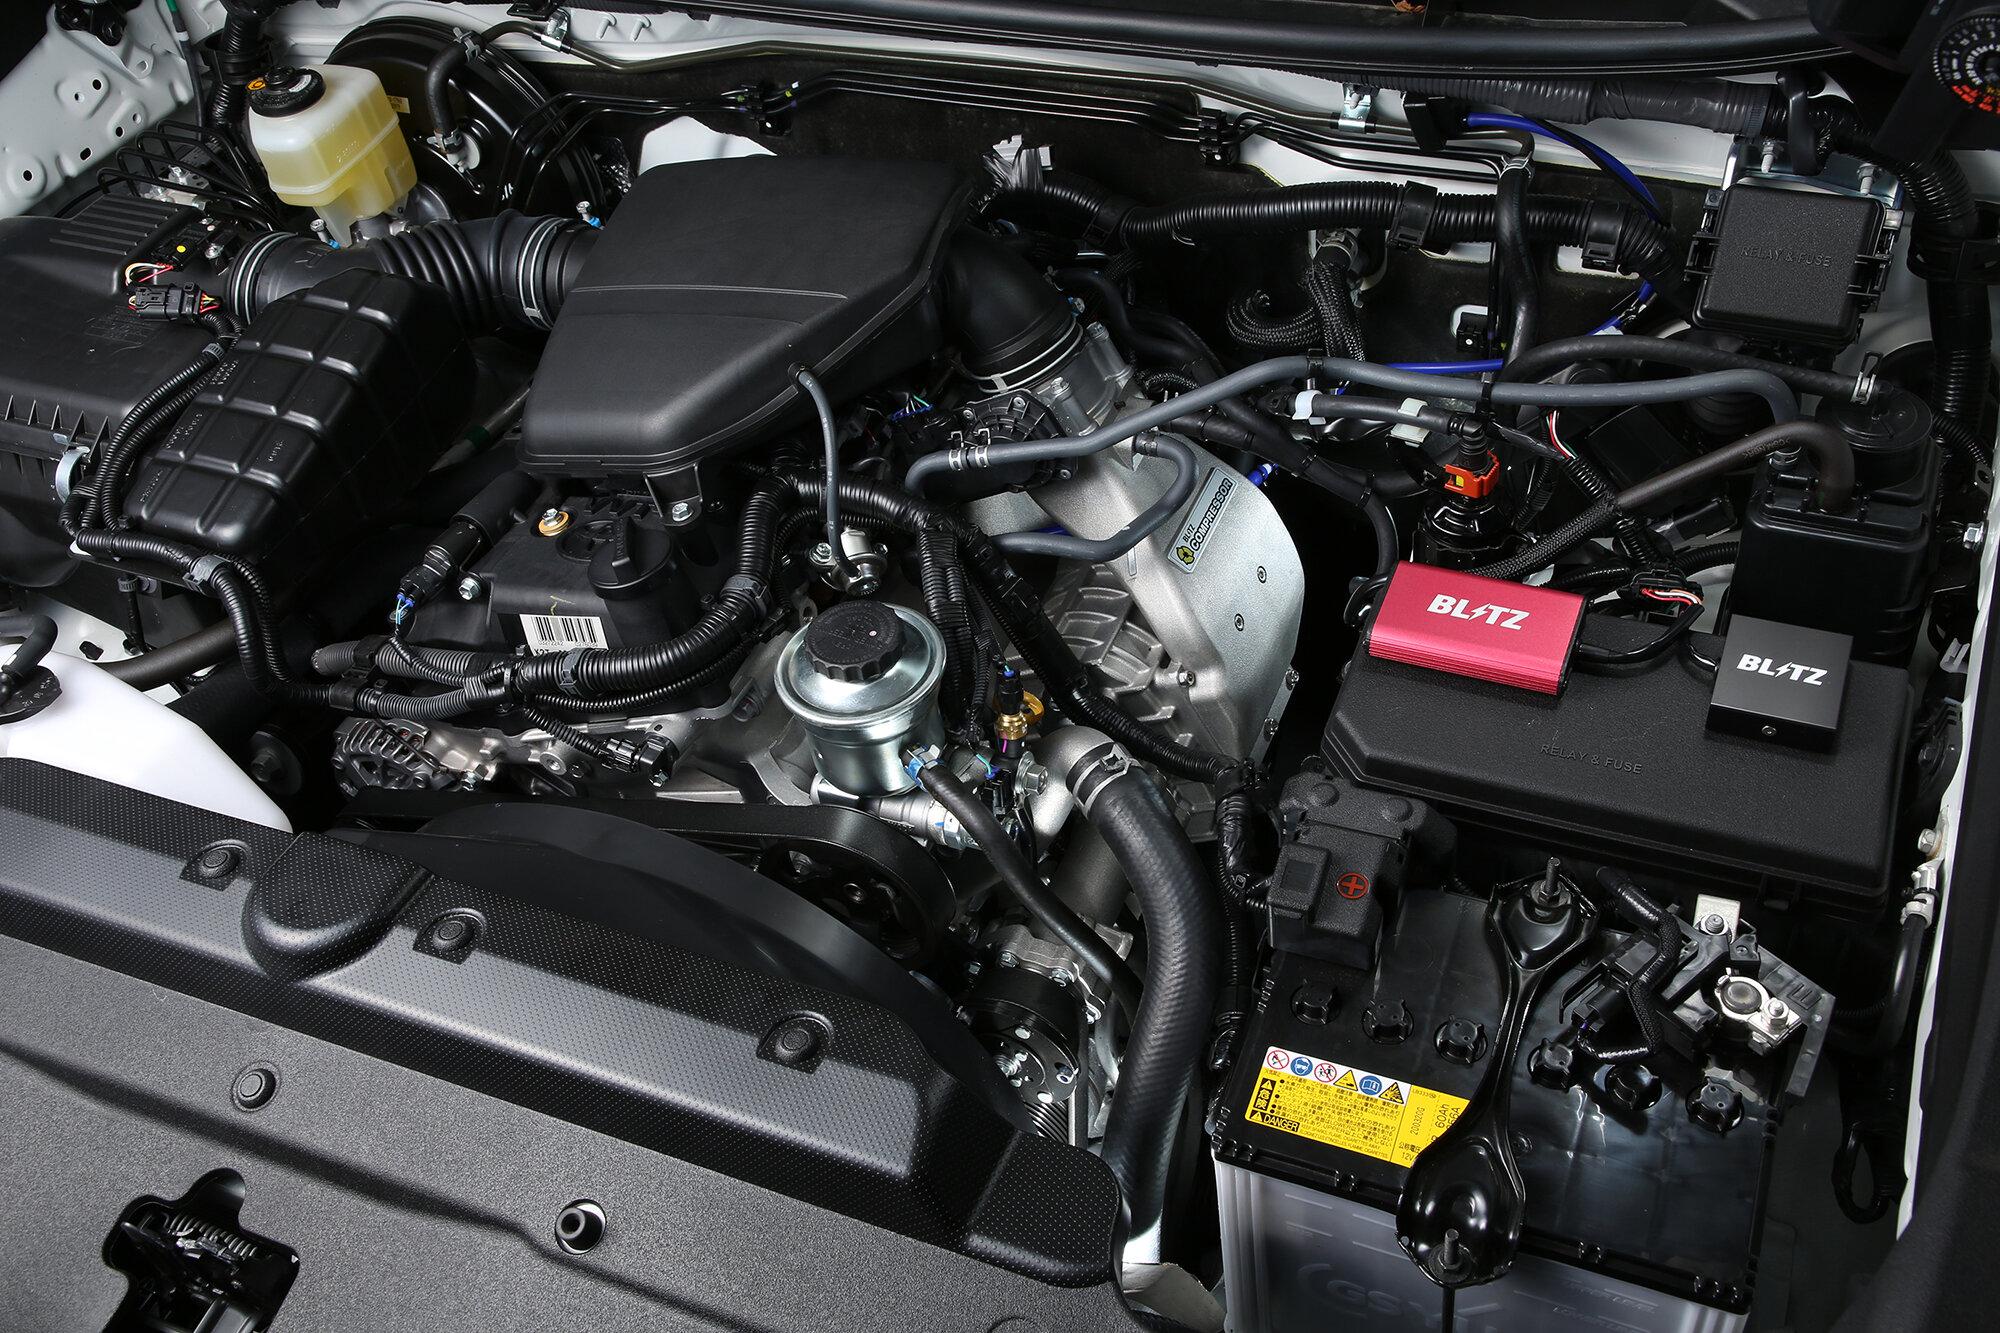 тюнинг двигателя Toyota Land Cruiser Prado 150 2.7 от Blitz